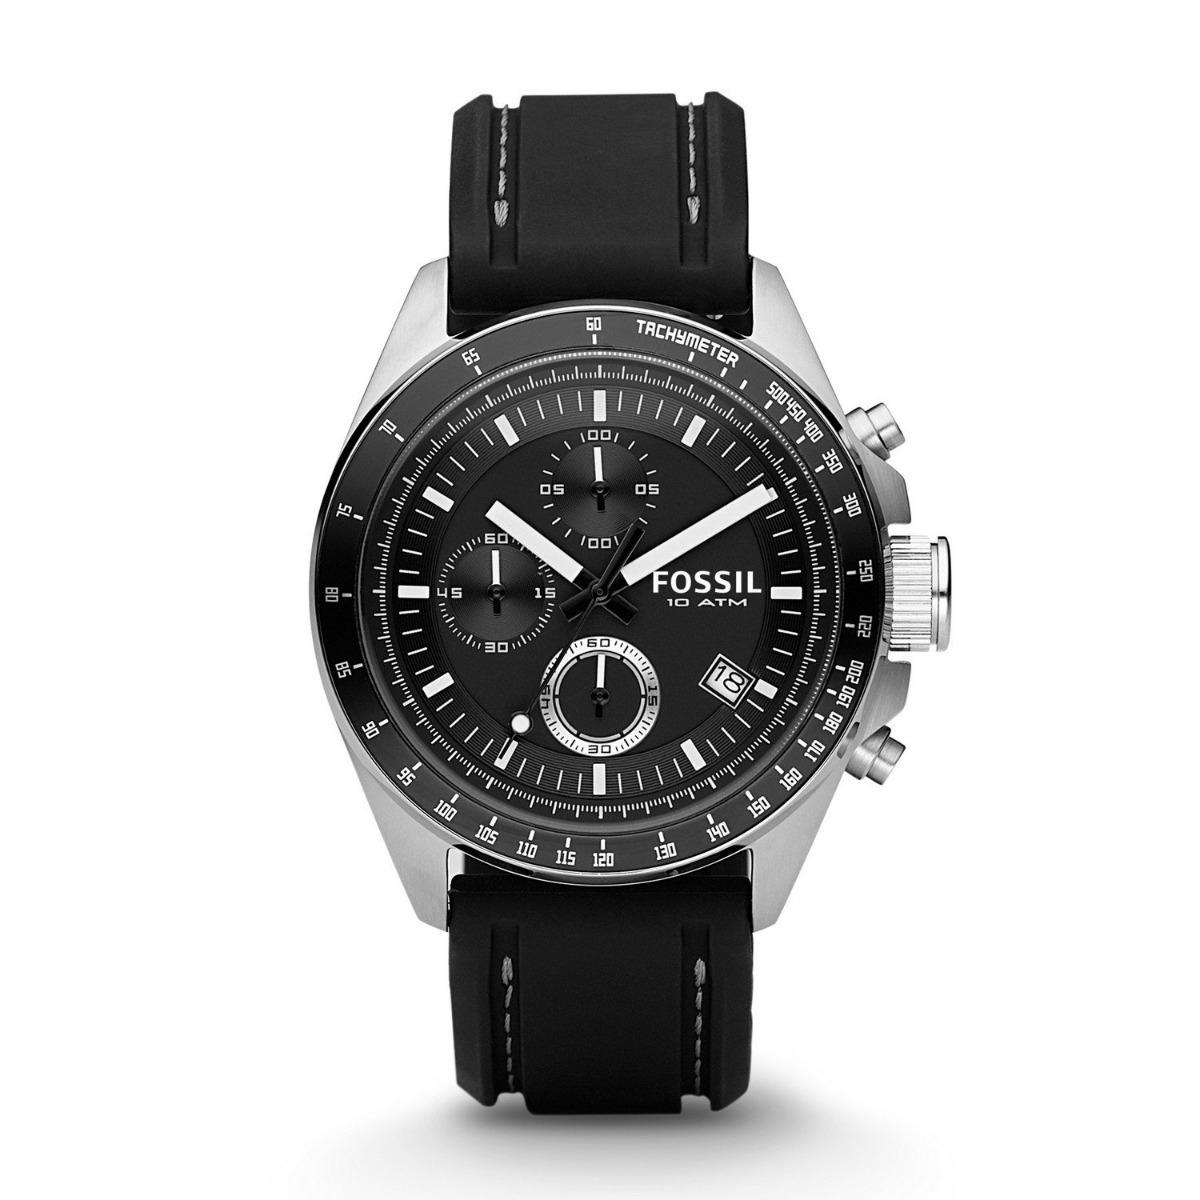 7eeff6157f34 reloj fossil ch2573 para hombre nuevo original garantía. Cargando zoom.